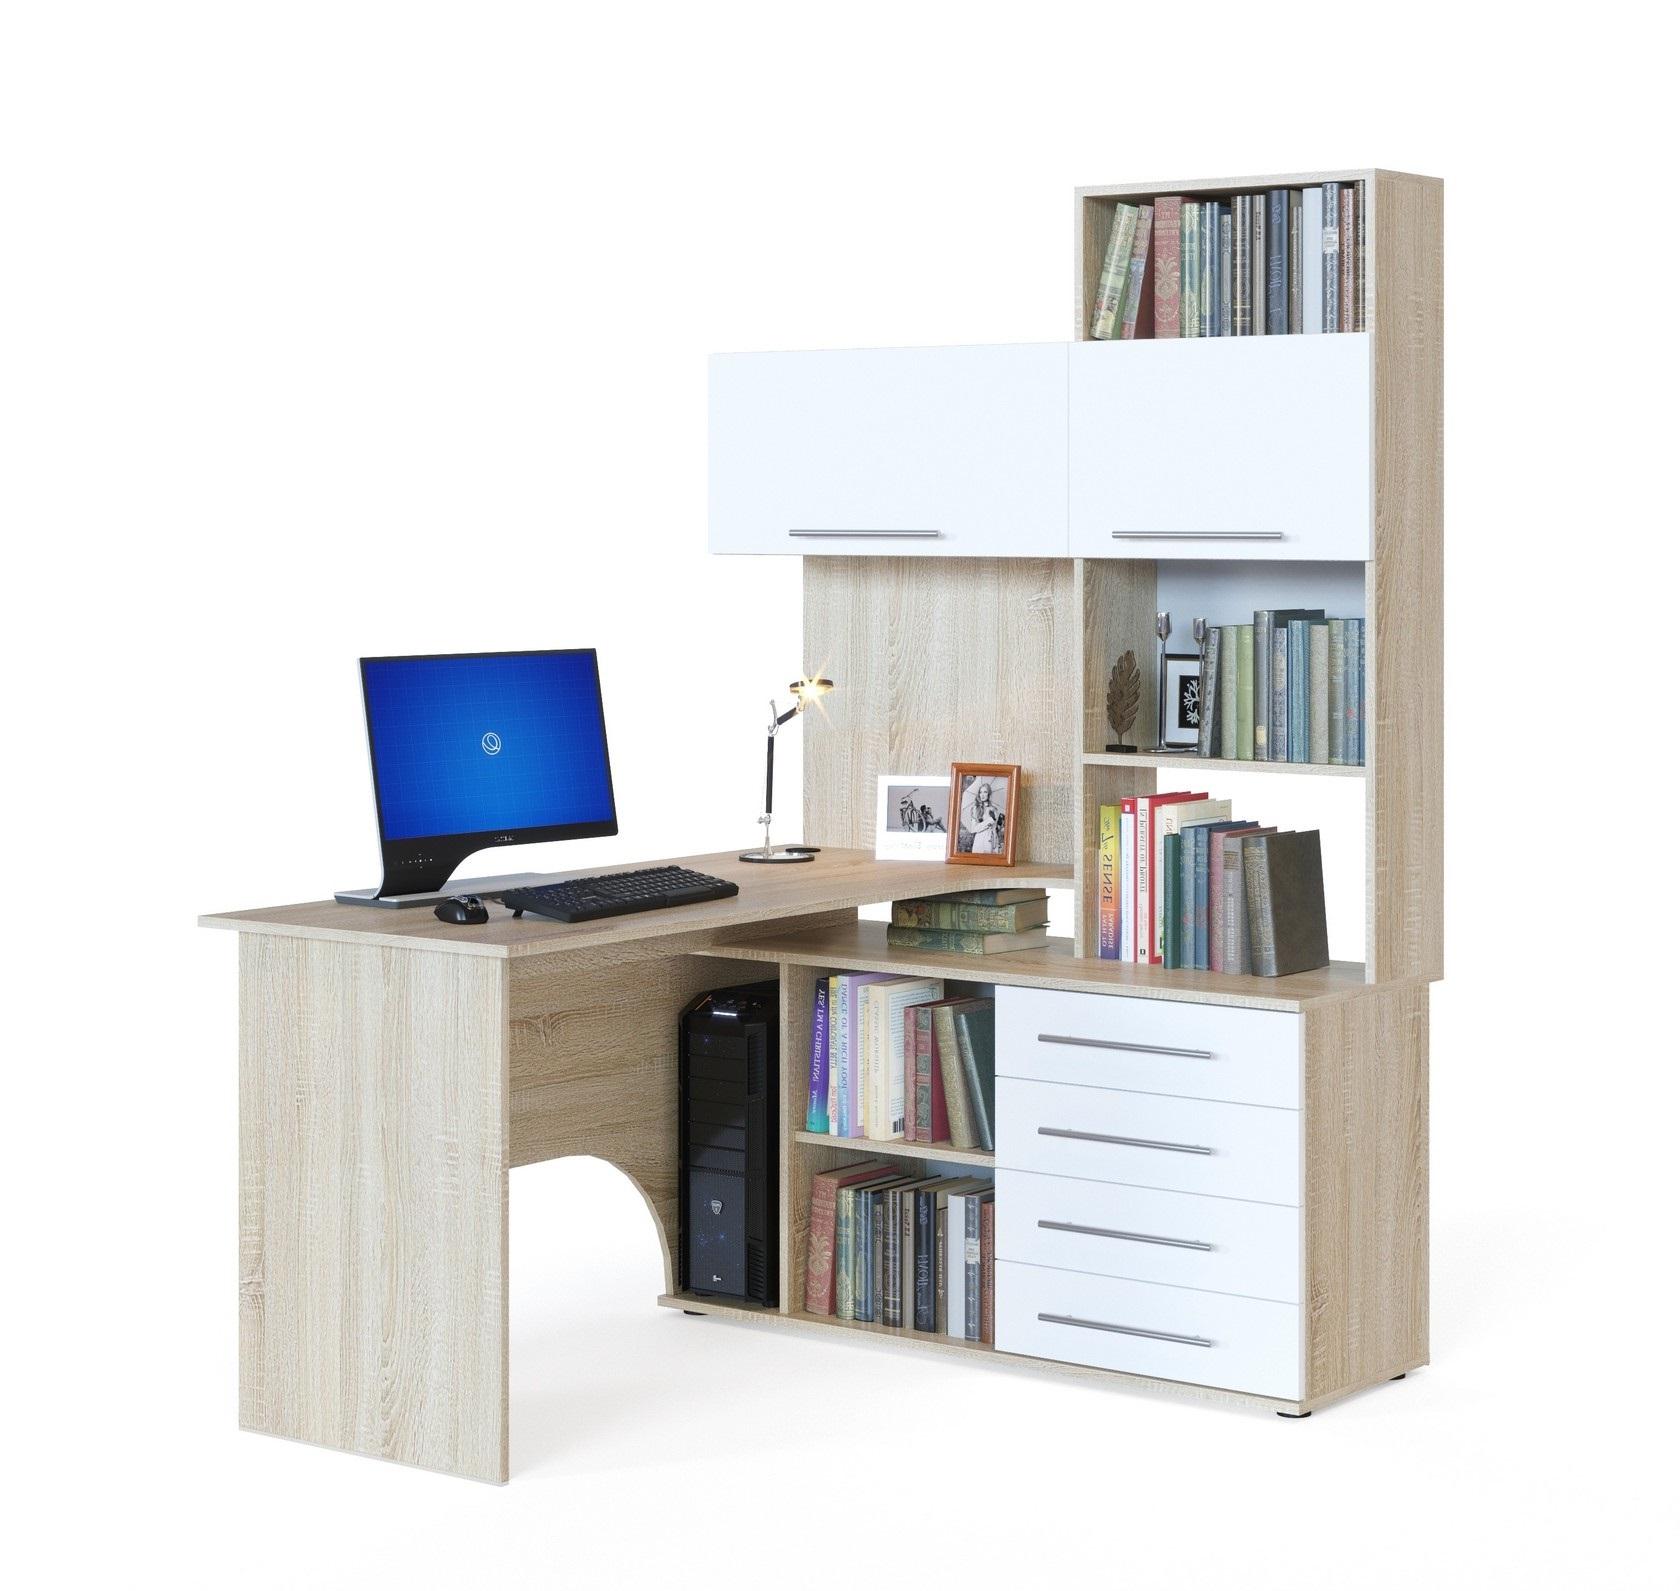 Тумба сокол-мебель кт-102 (левая, венге) (21со6753415) за 18.